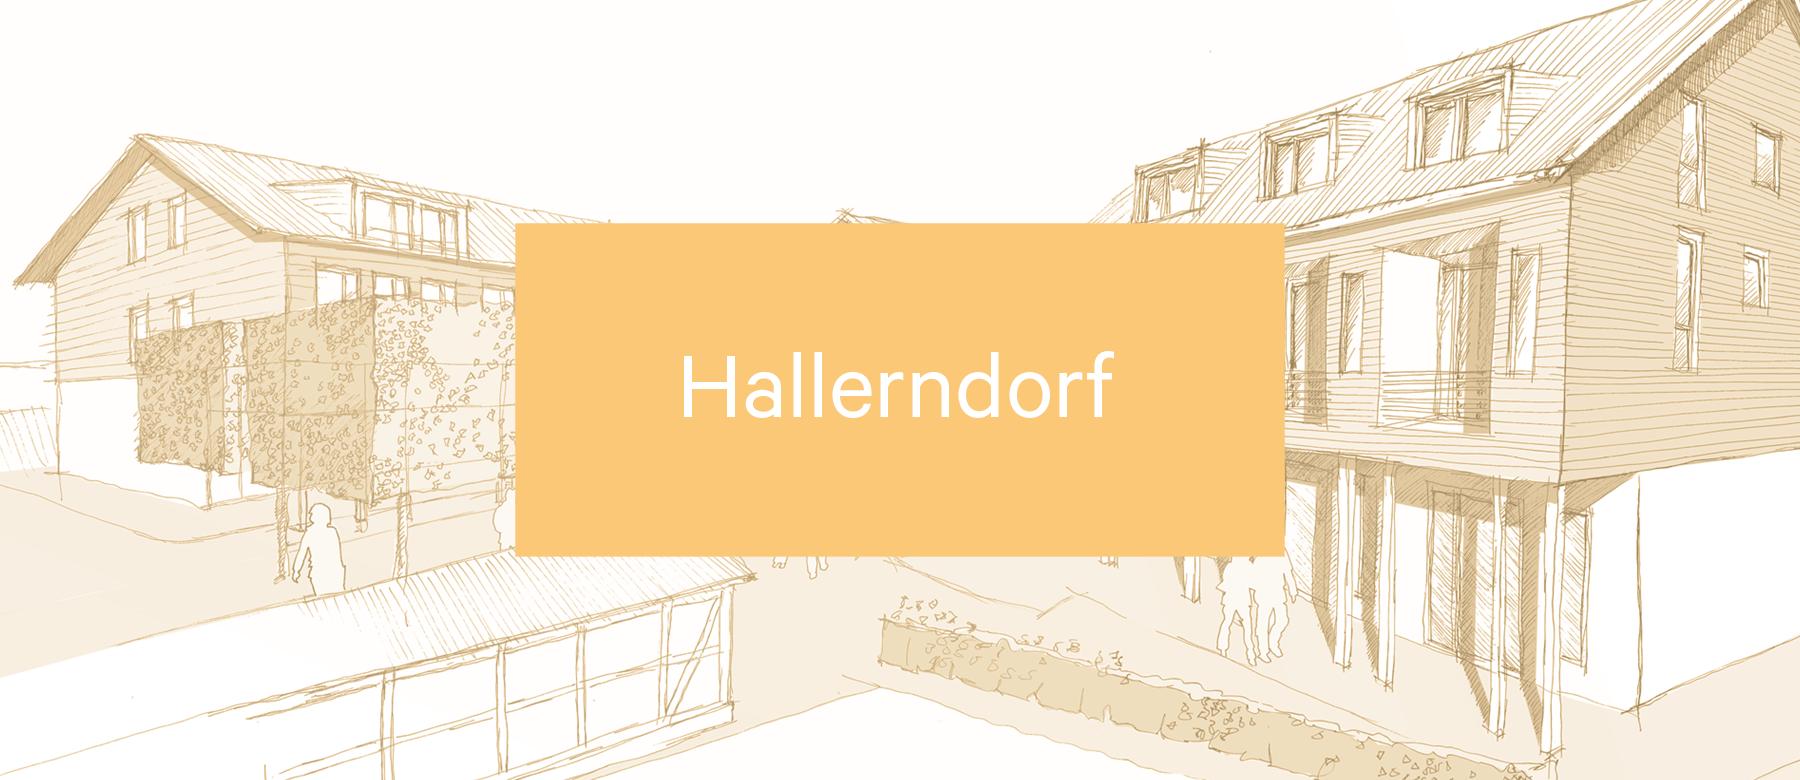 ecoeco_Bauen_Button04_Hallerndorf_aktiv